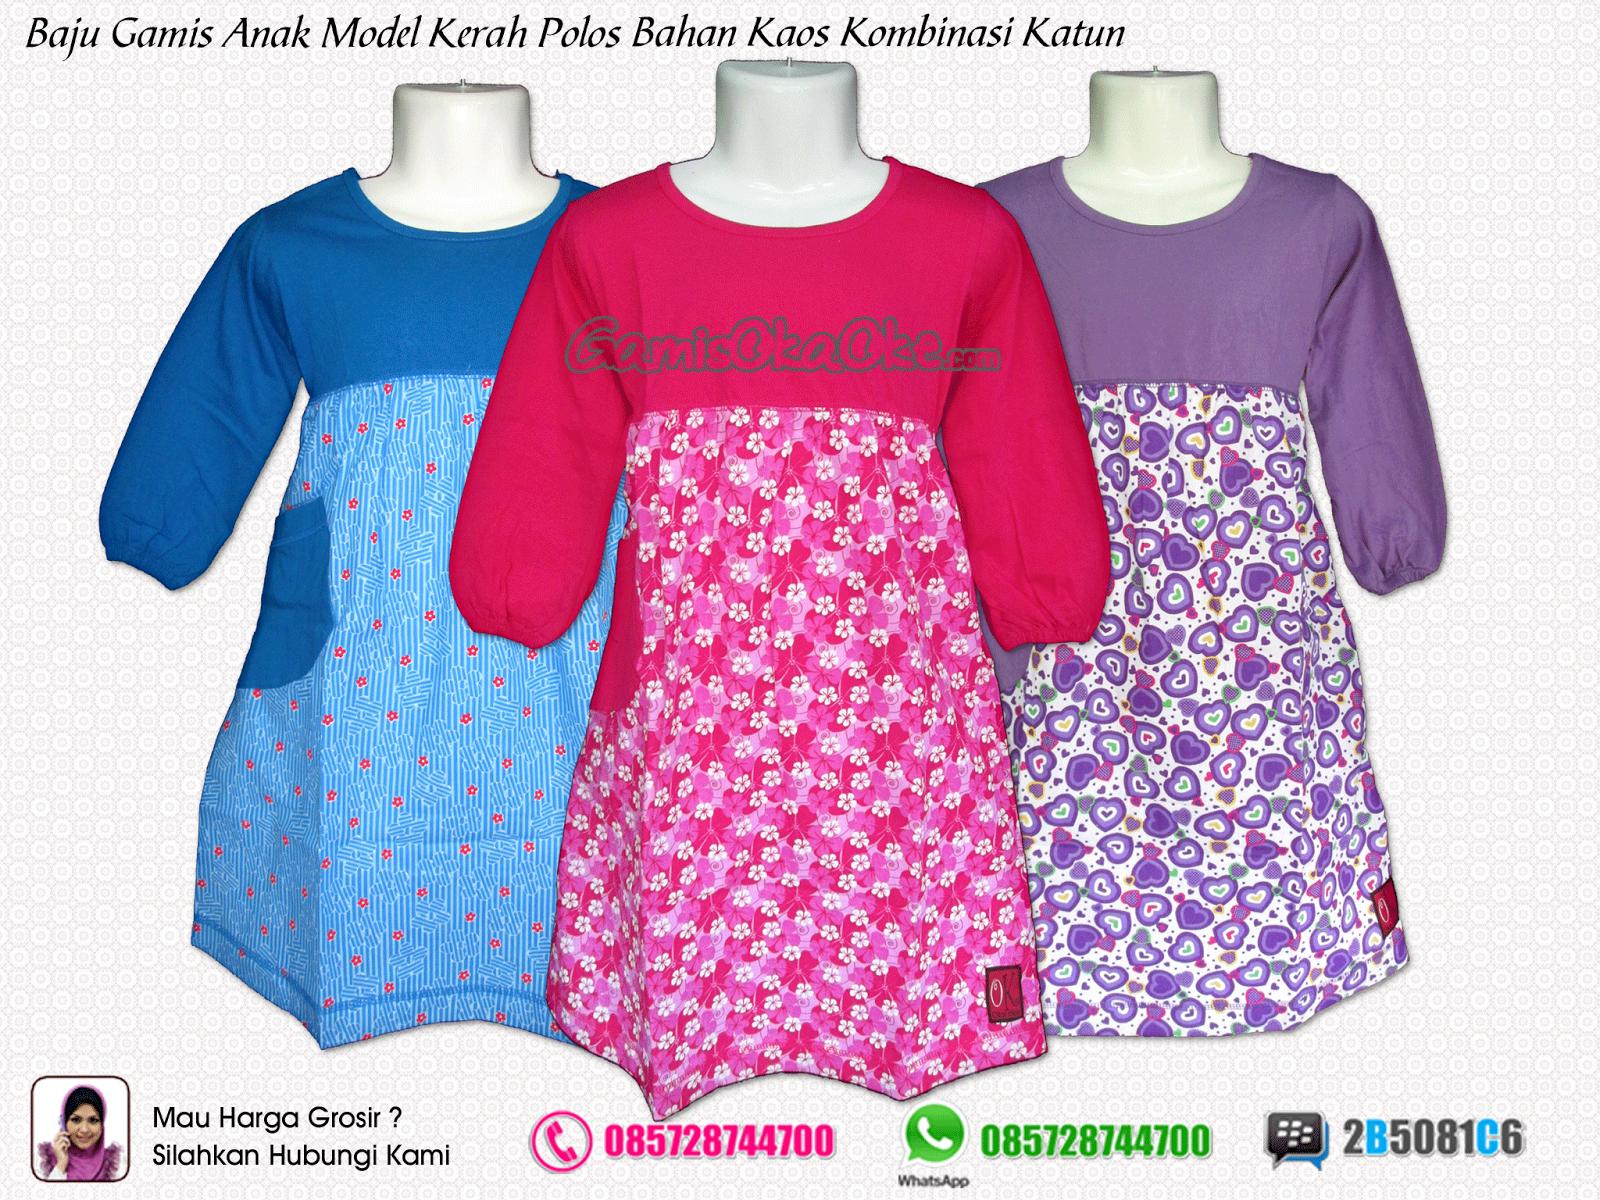 Grosir gamis anak murah produksi konveksi oka oke baju Baju gamis anak dan dewasa